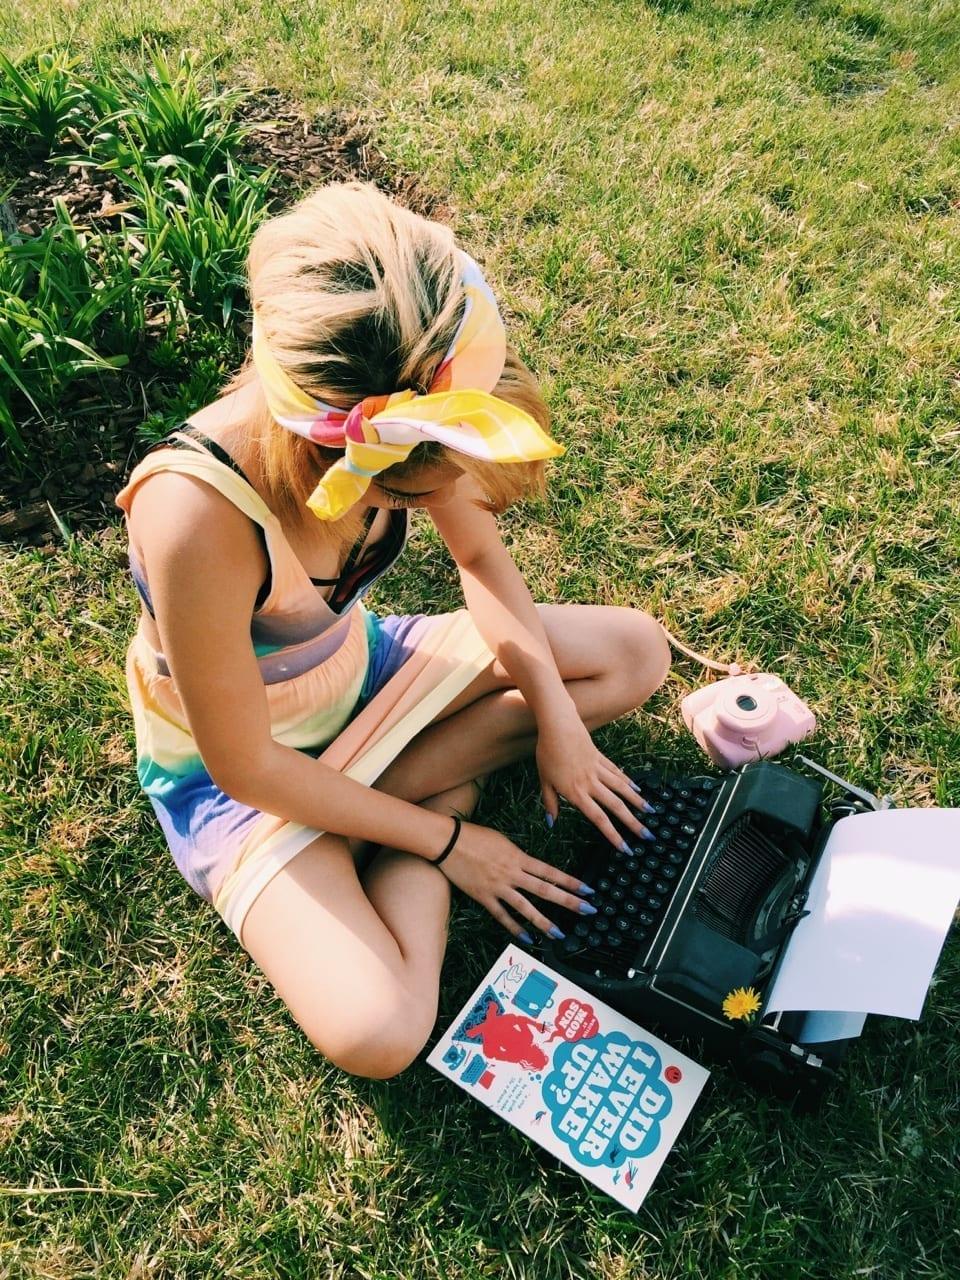 writer typewriter theladycracy.it wonder women -